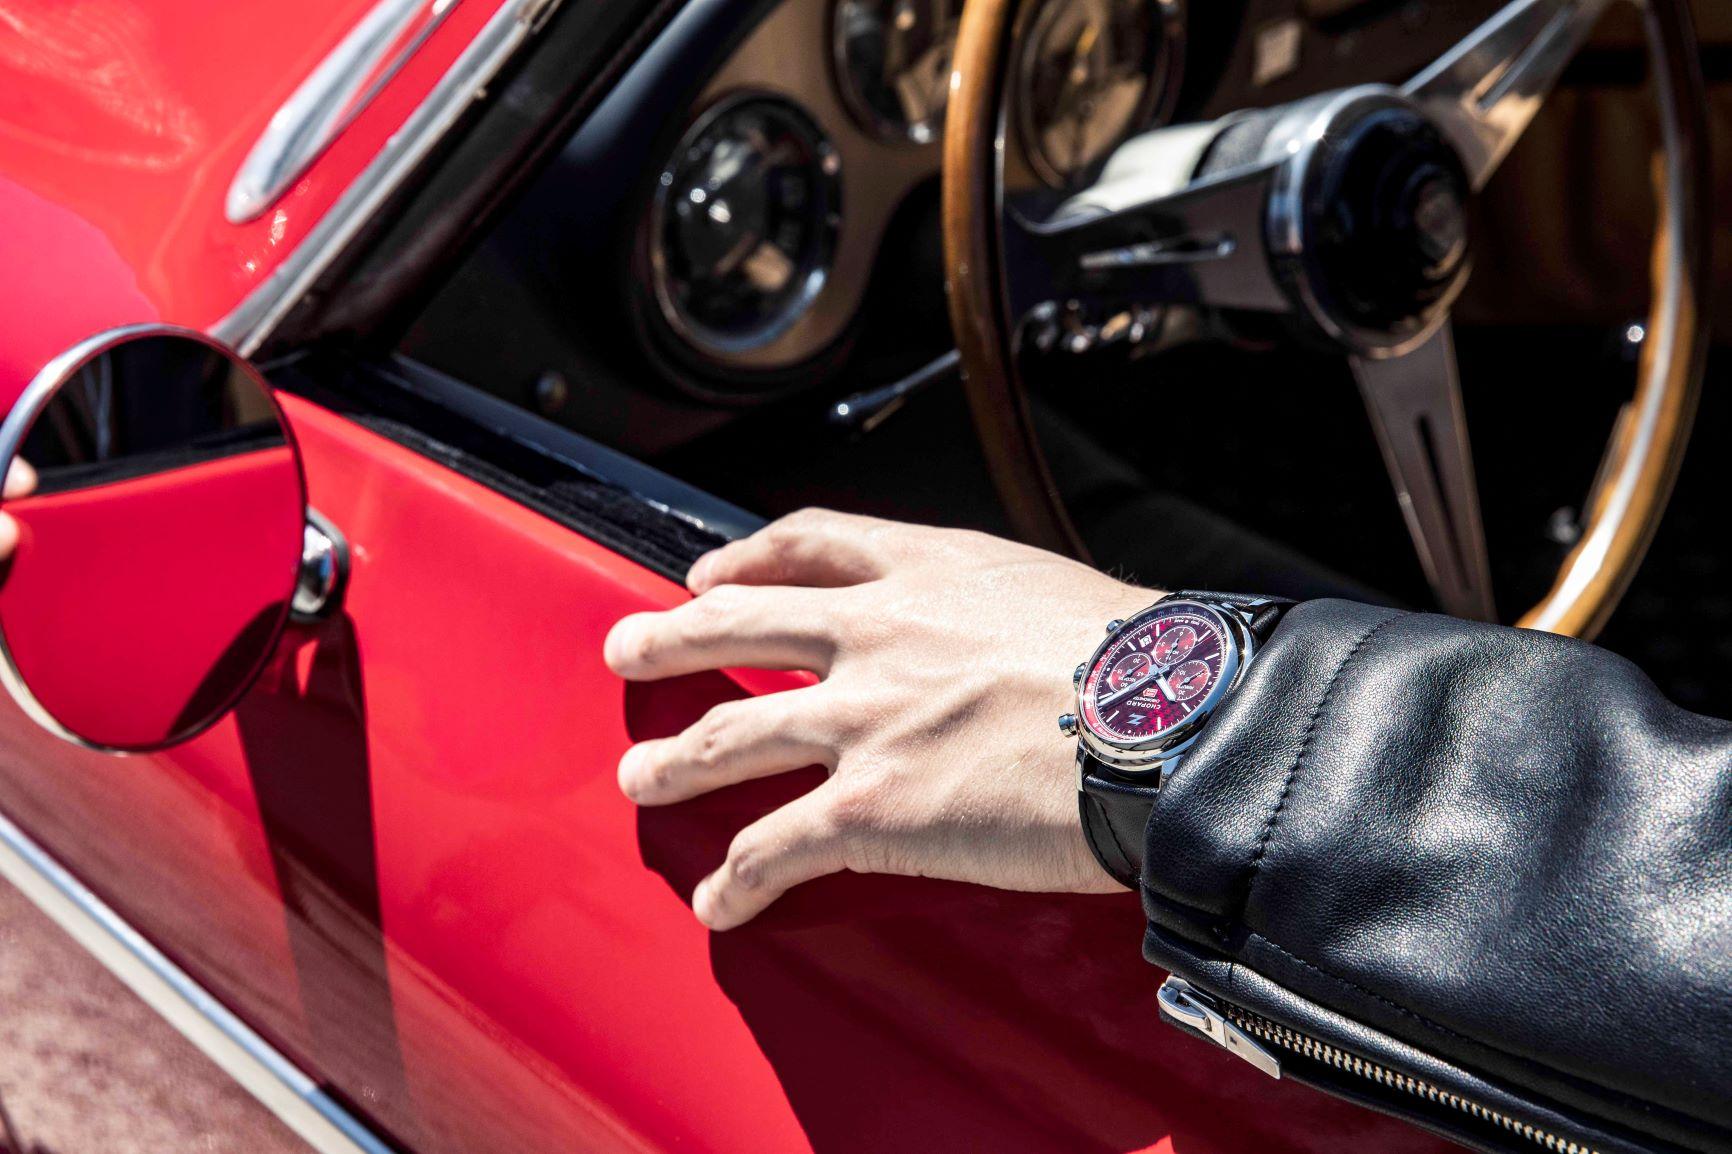 Oldtime i retro sat, idealna kombinacija. Chopard Mille Miglia Classic Chronograph Zagato 100th Anniversary Edition.